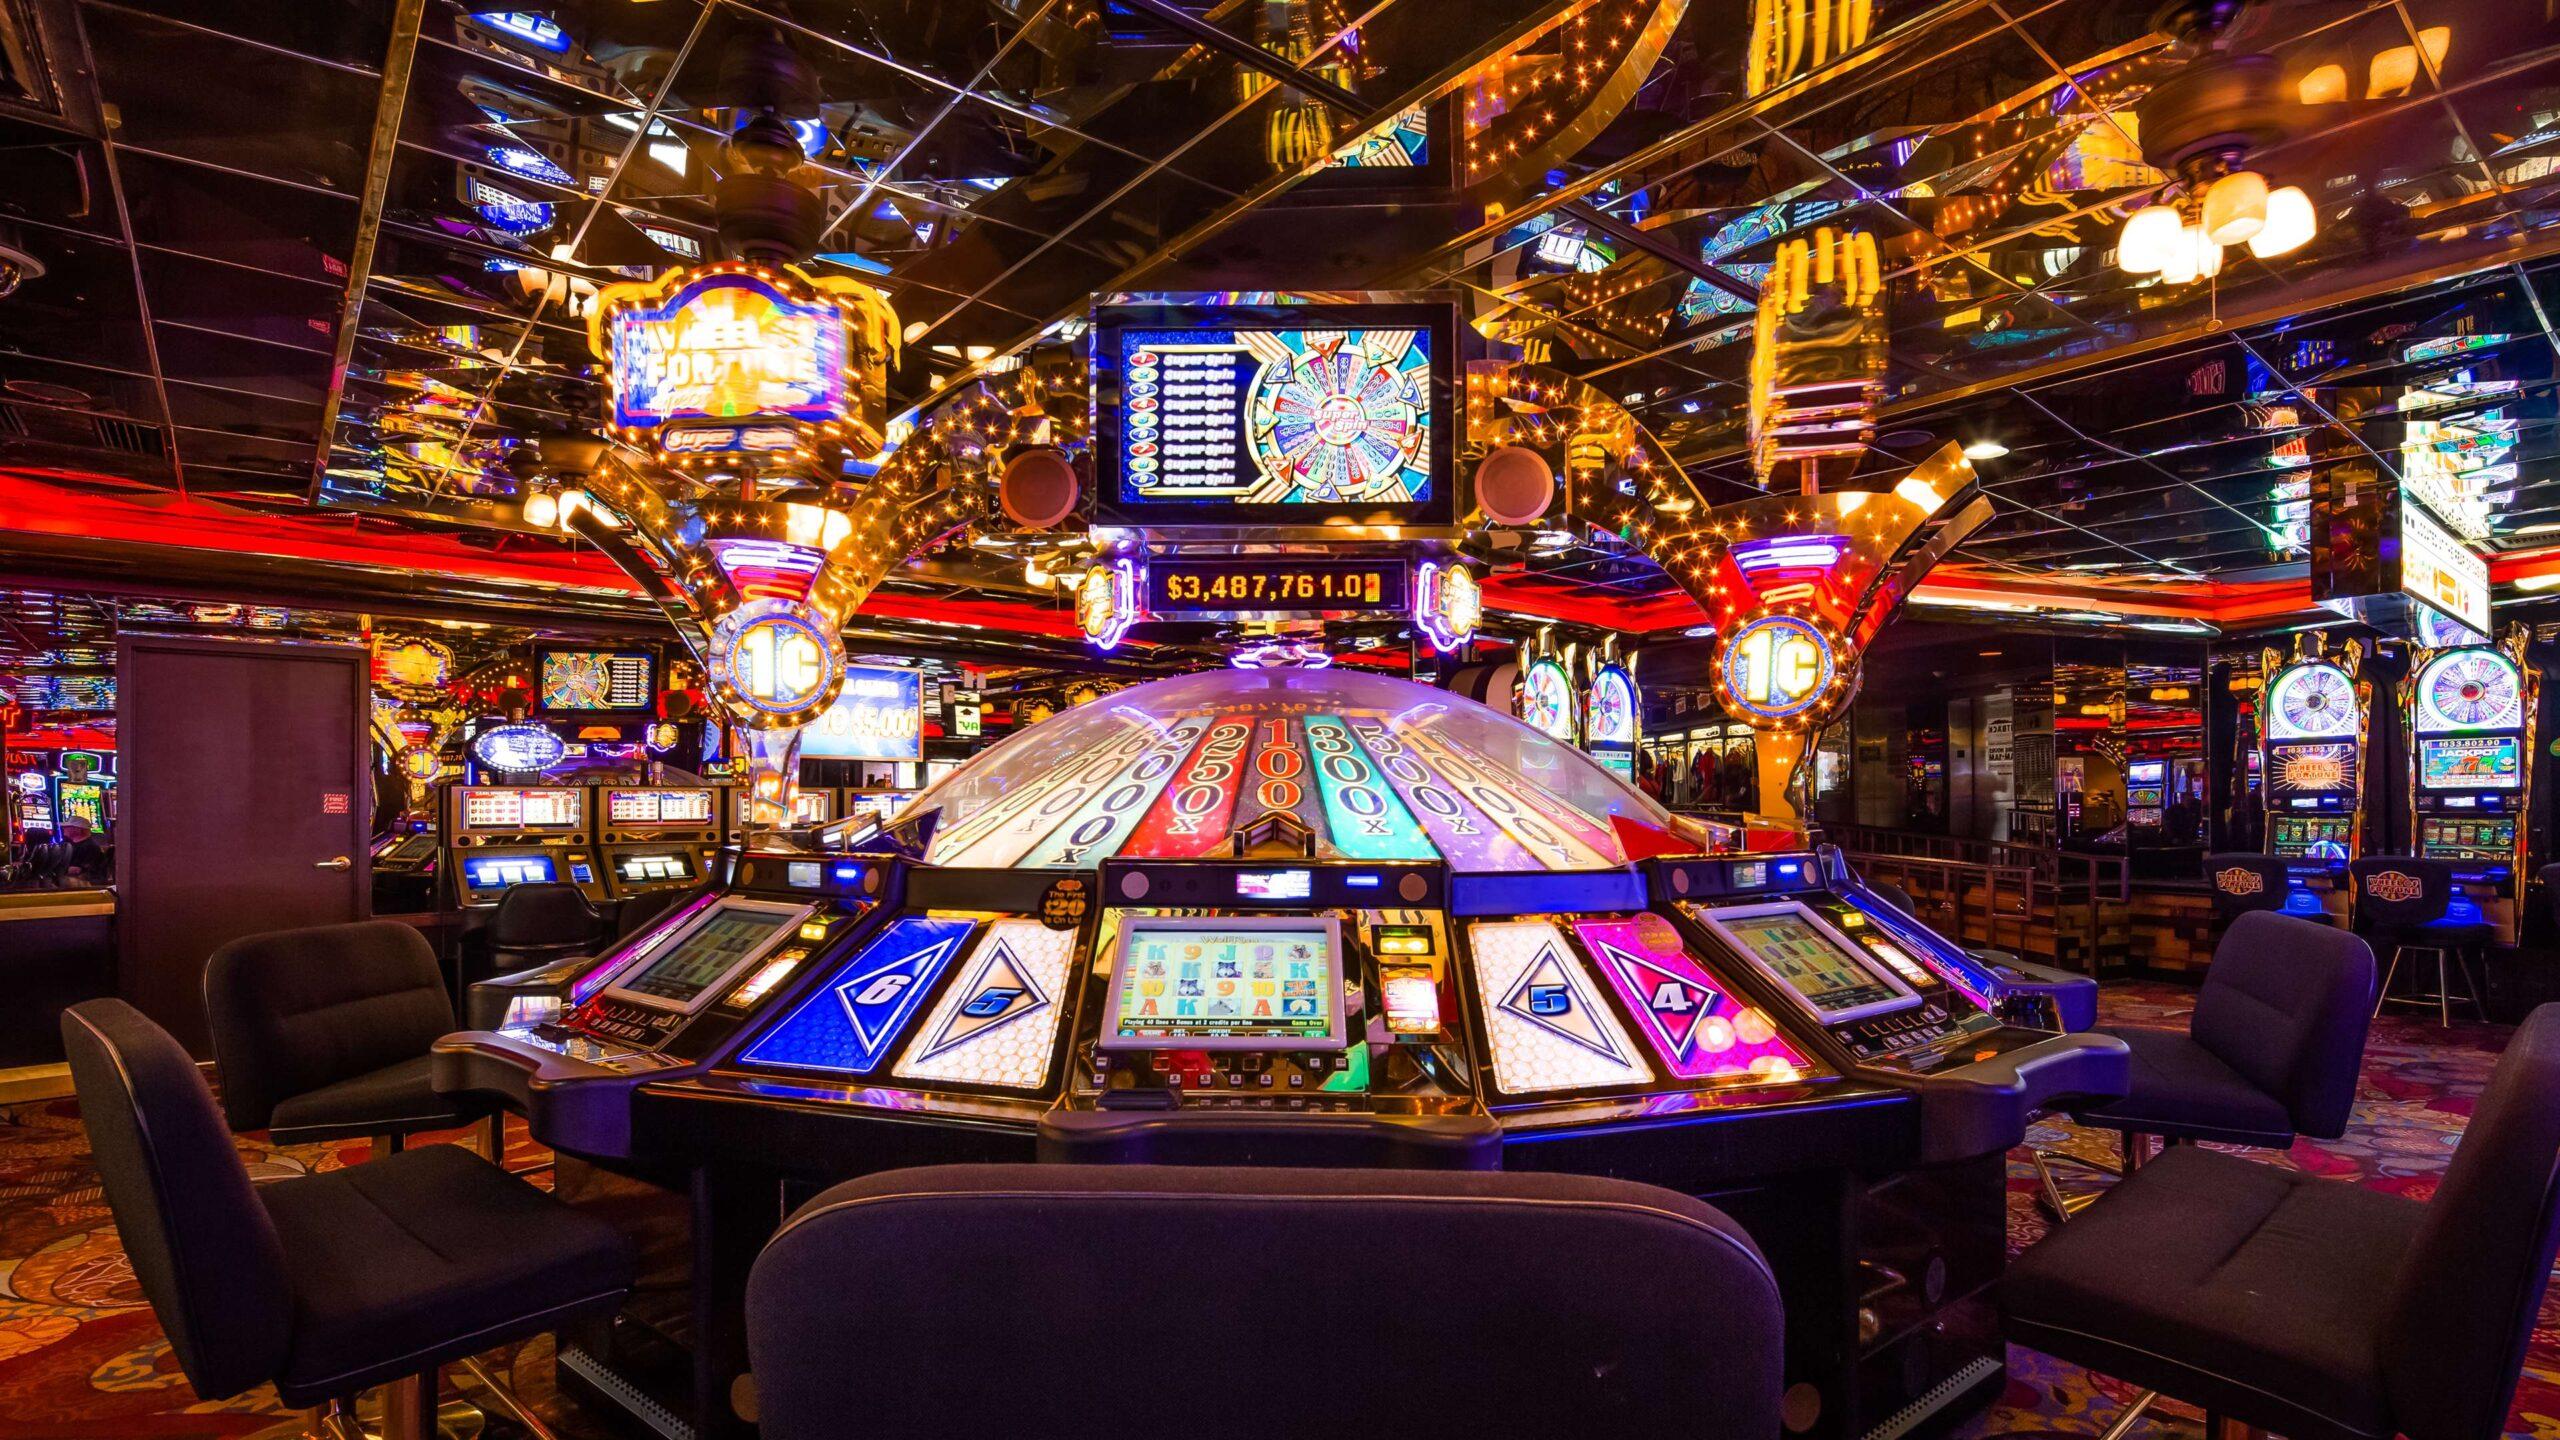 Casinoper Yeni Açılan Bahis Sitelerine Yatırım Yapma